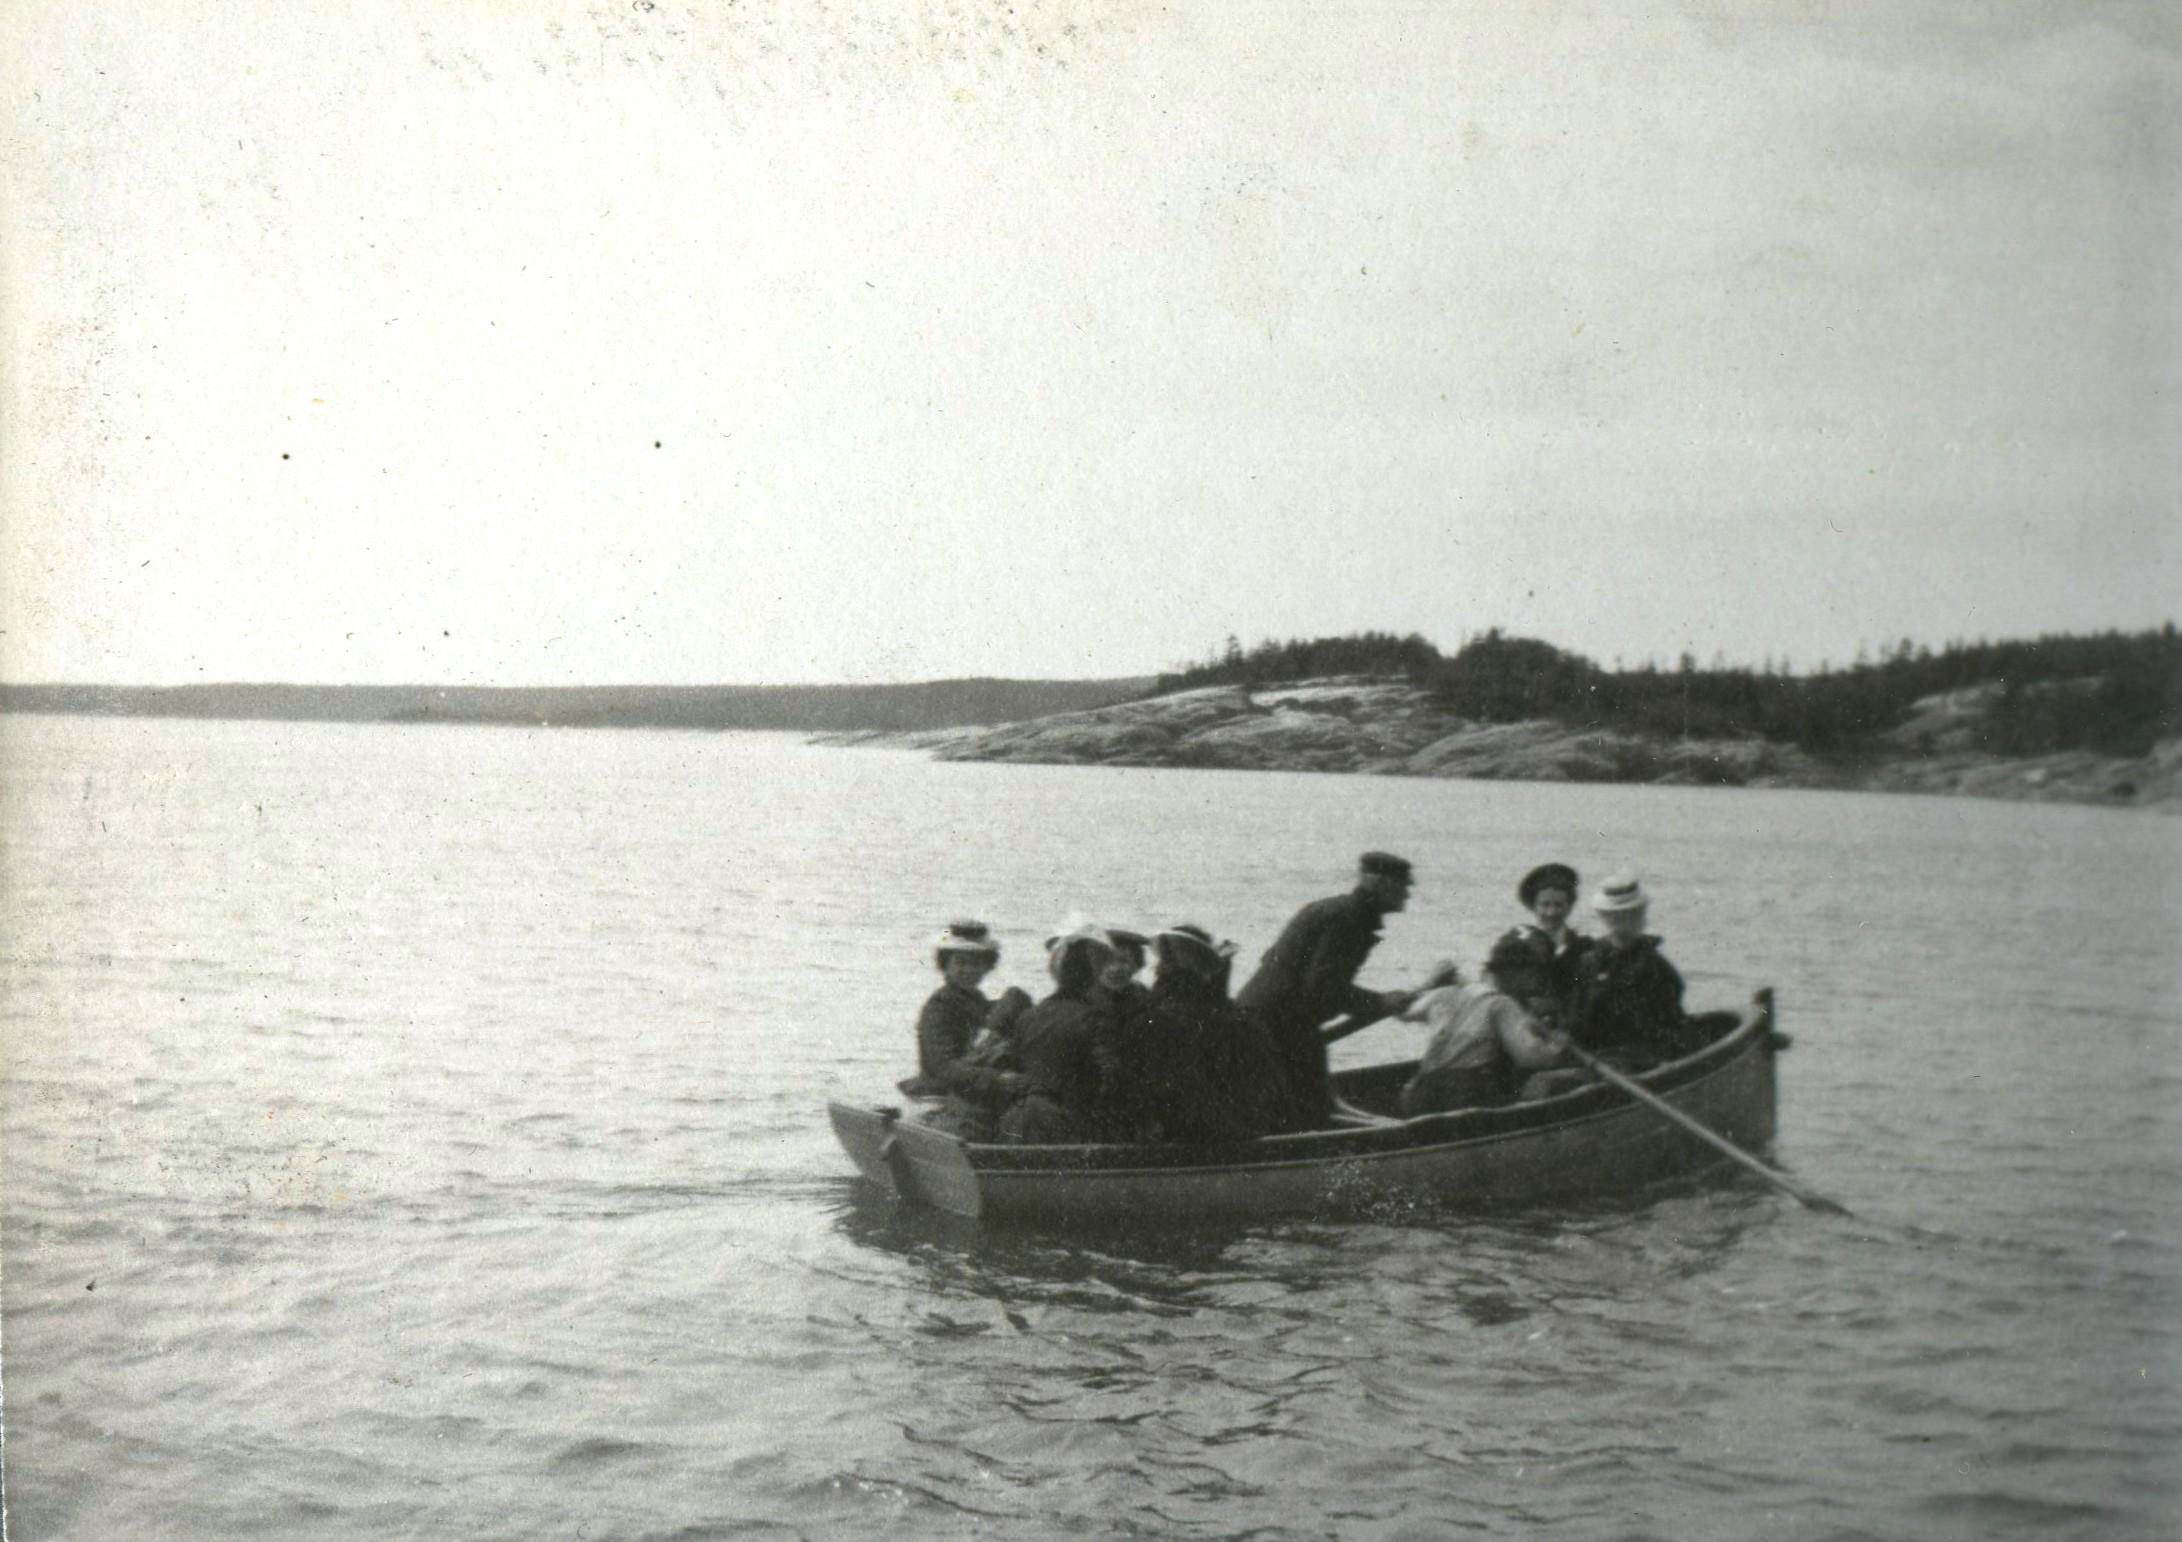 Un homme rame dans une barque où se trouvent plusieurs estivants.